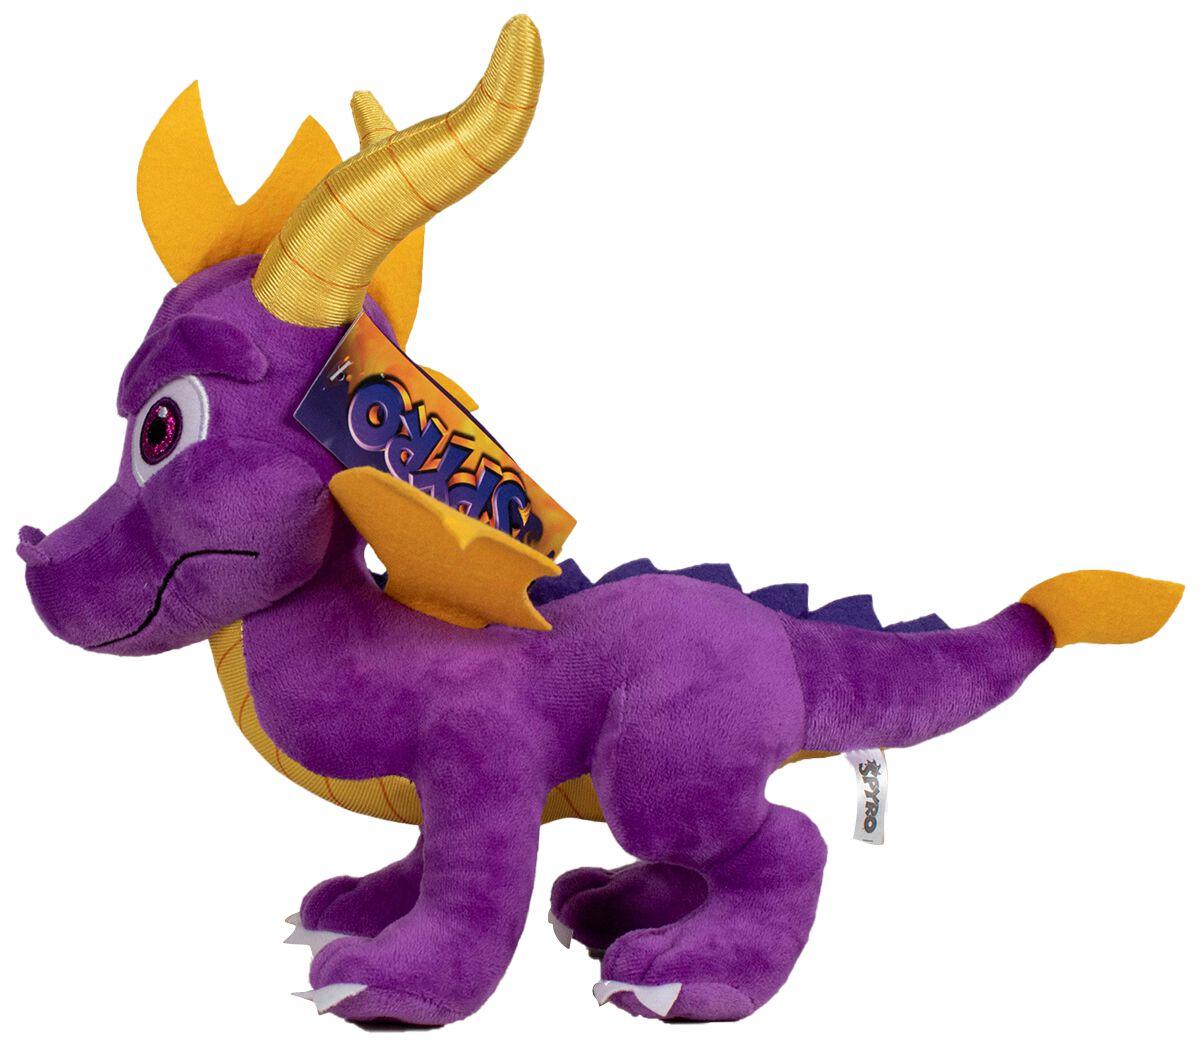 Spyro - The Dragon Spyro Plüschfigur multicolor 760020316